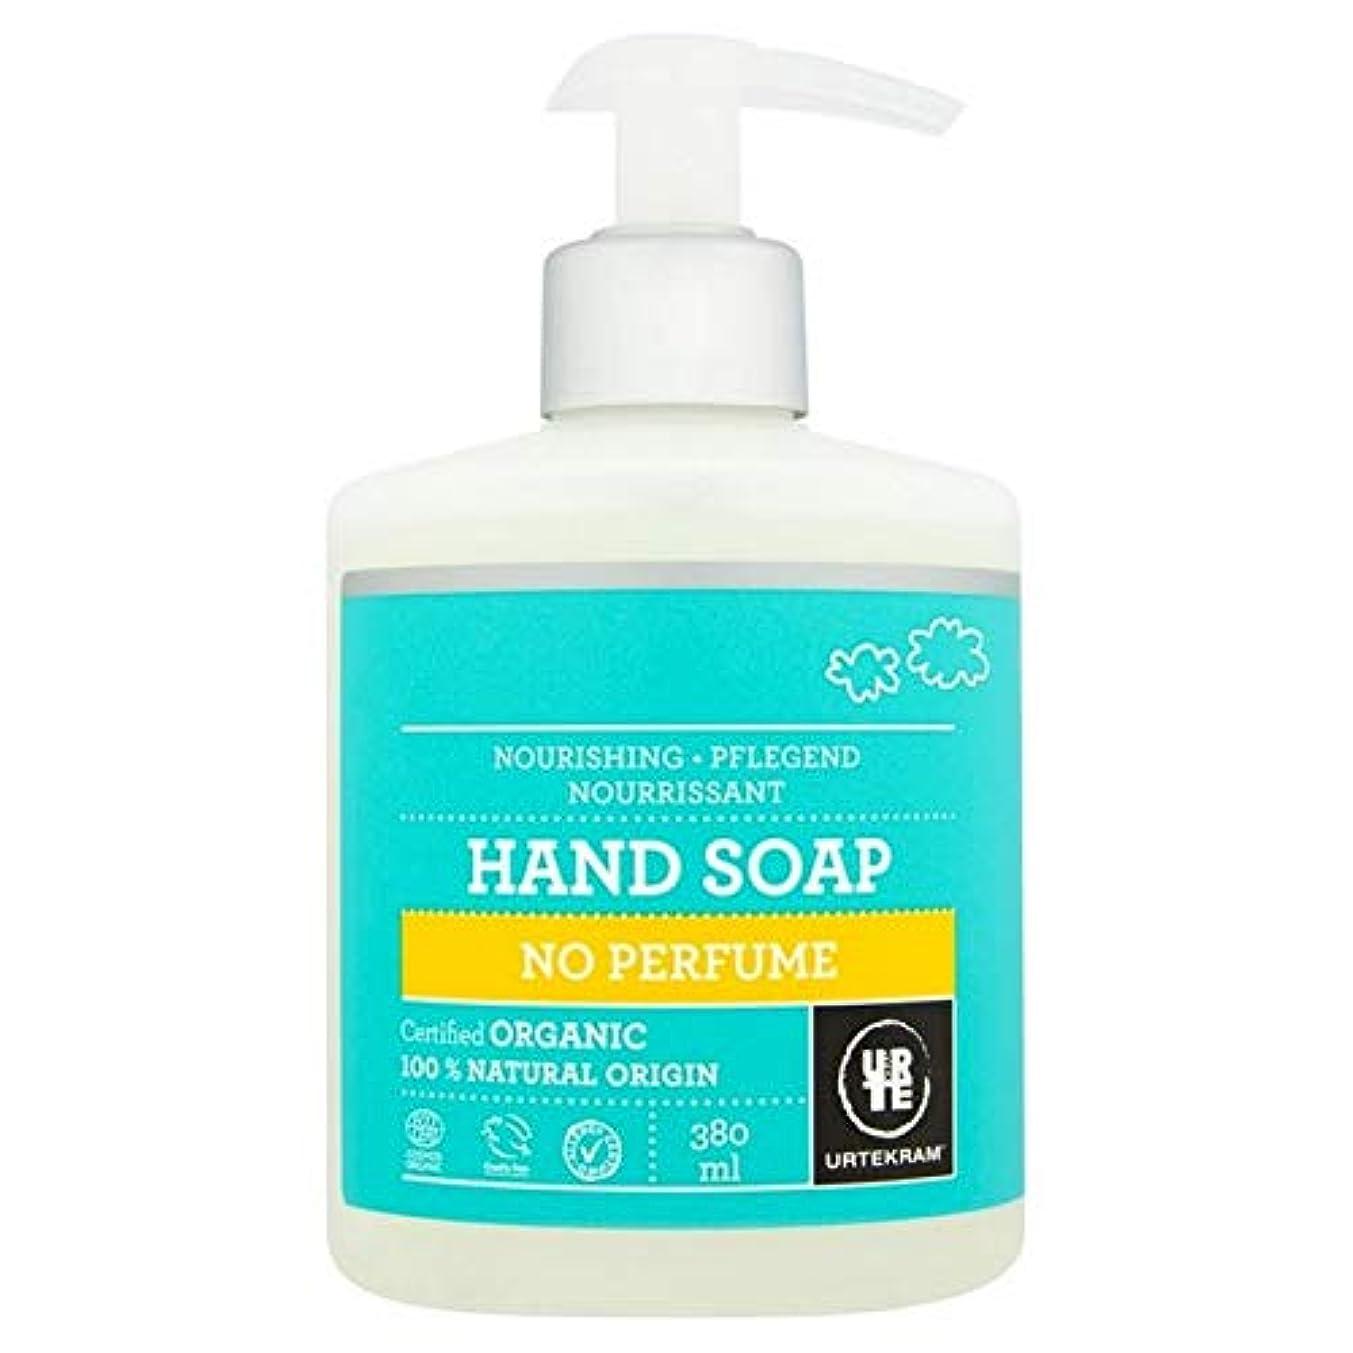 ハイジャック睡眠治安判事[Urtekram] 何の香水、液体ハンドソープ380ミリリットルをUrtekramありません - Urtekram No Perfume Liquid Hand Soap 380ml [並行輸入品]